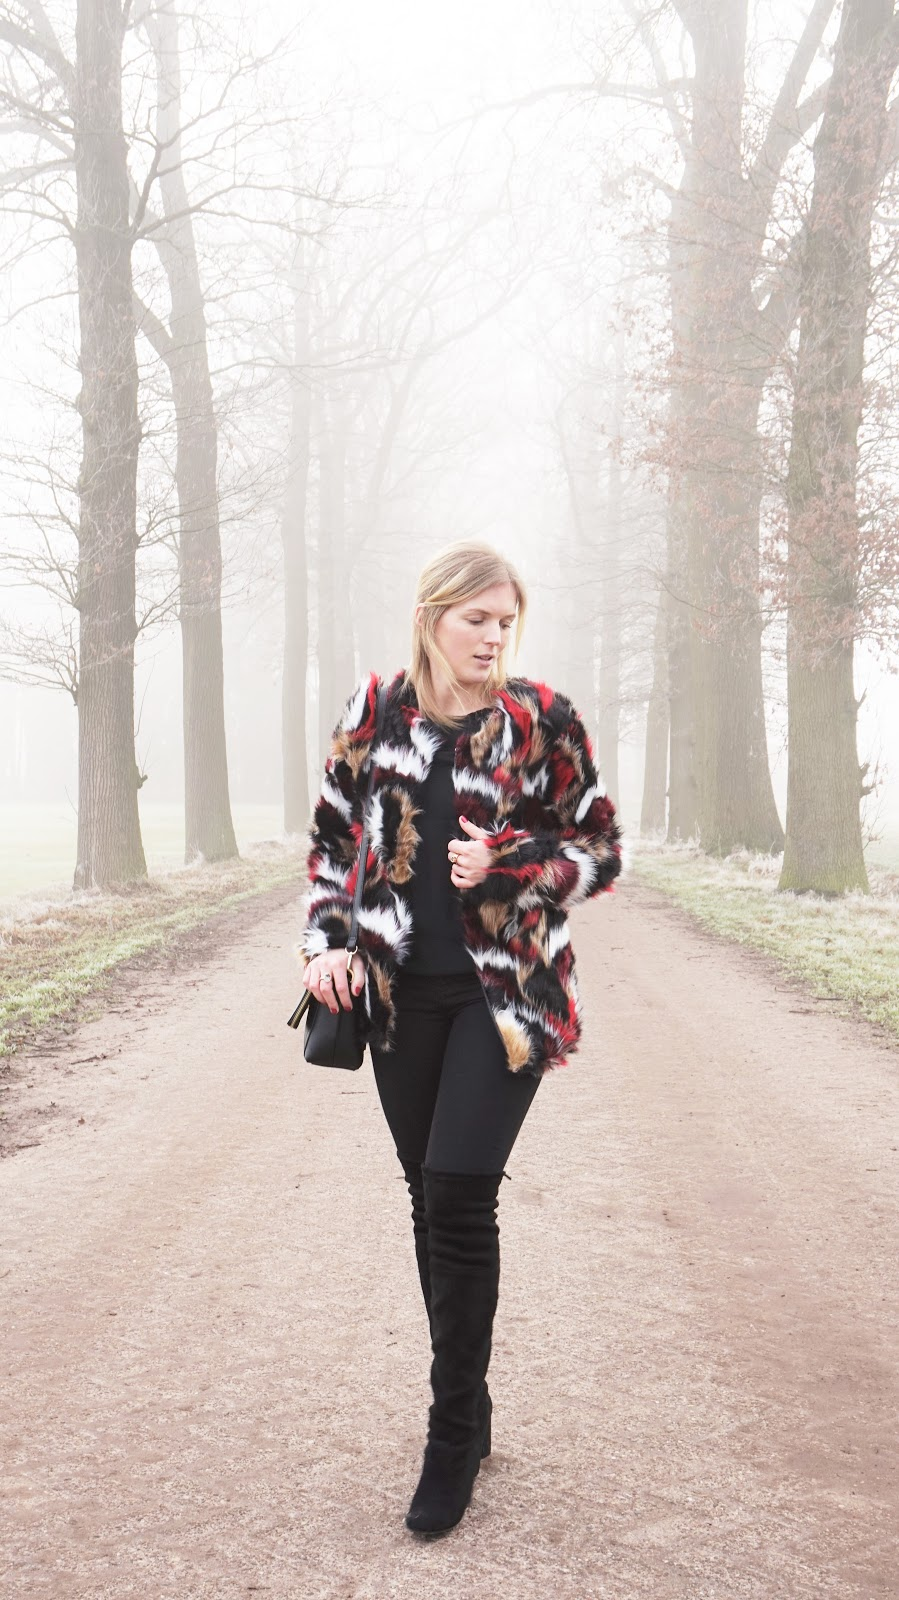 DSC02910 | Eline Van Dingenen